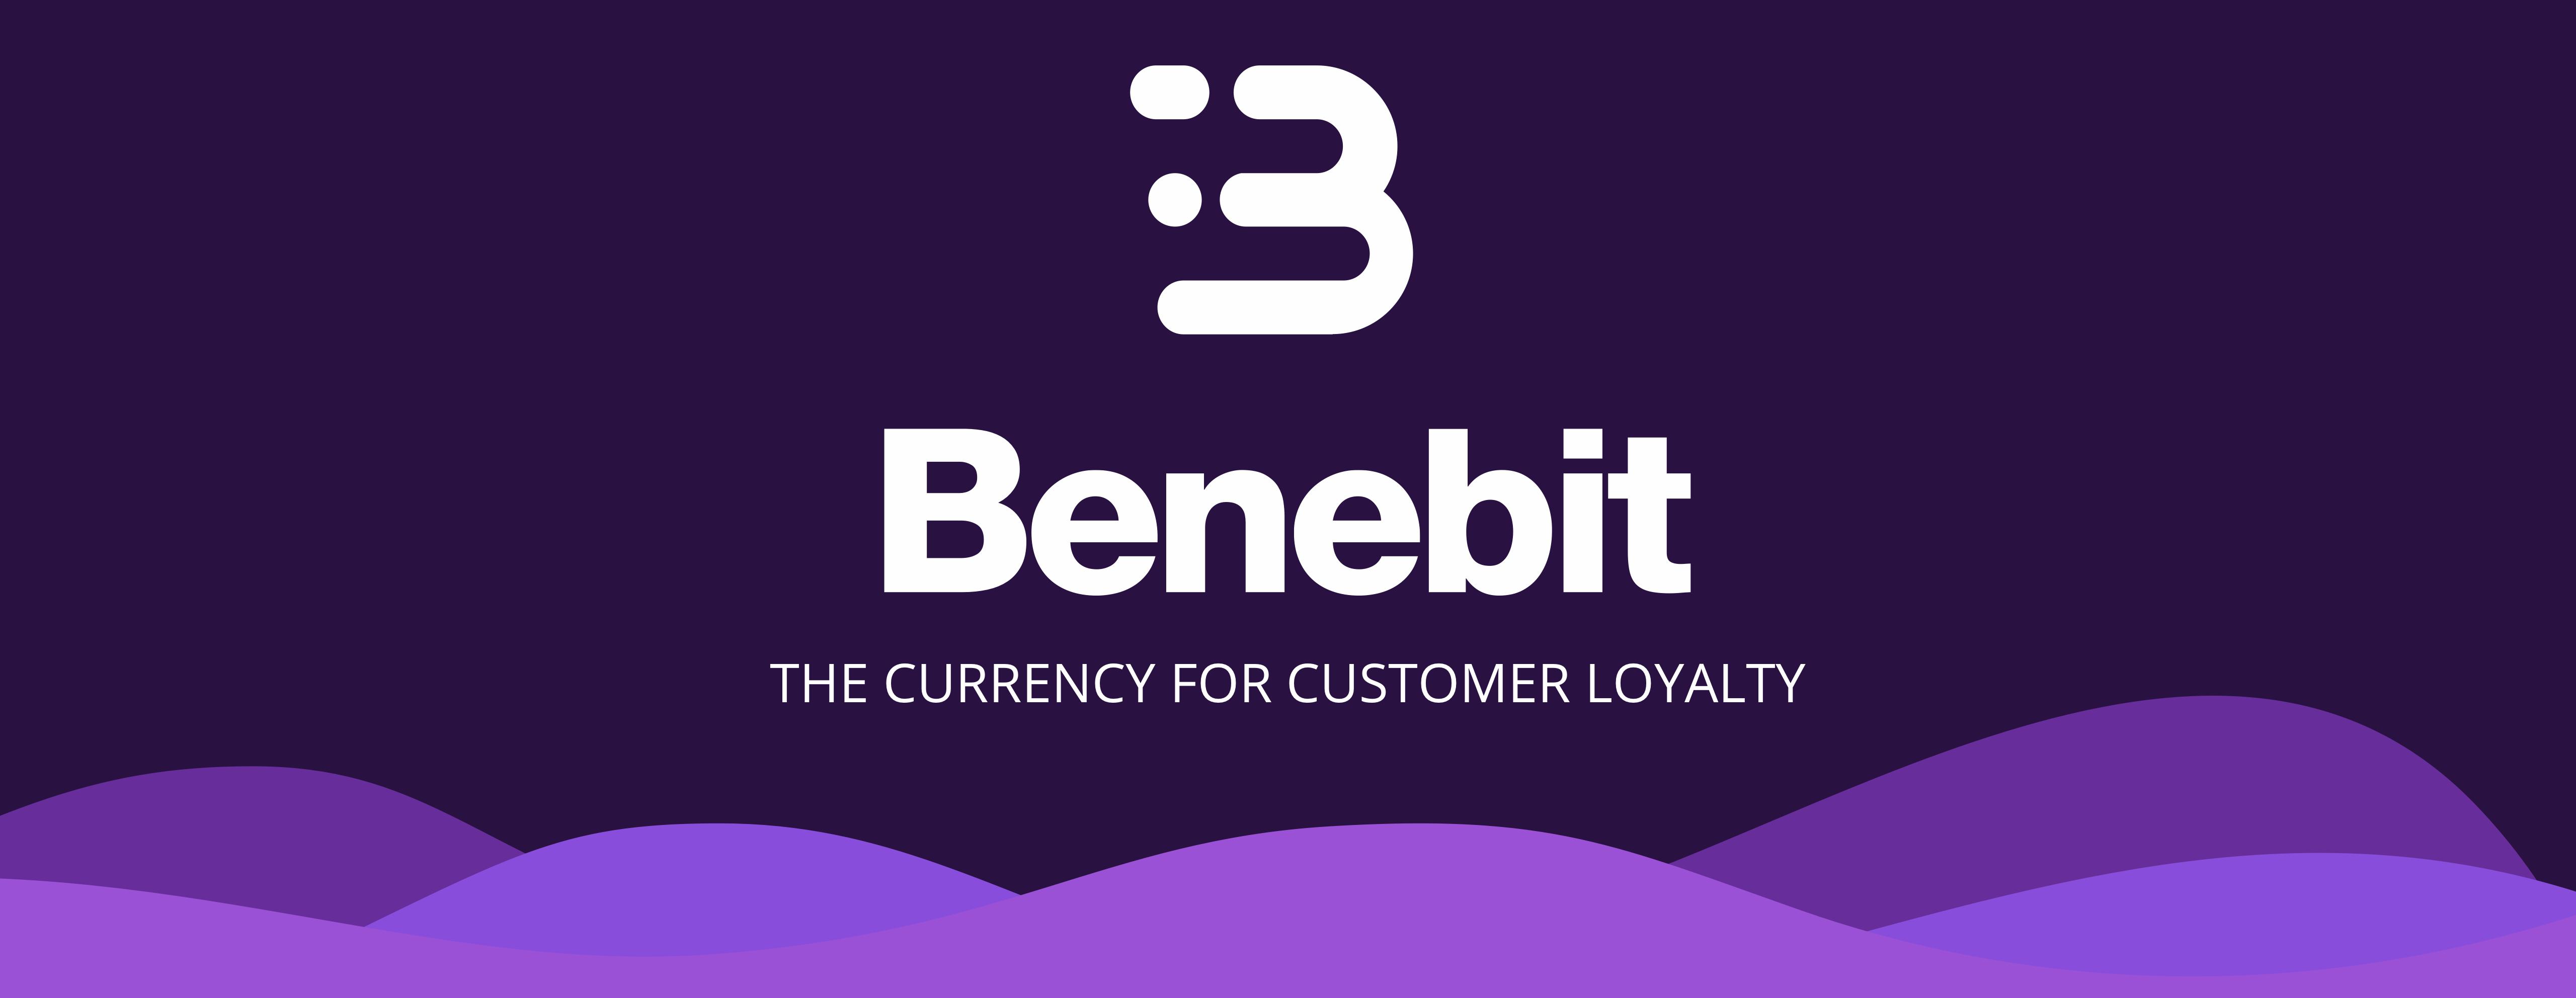 Картинки по запросу Benebit